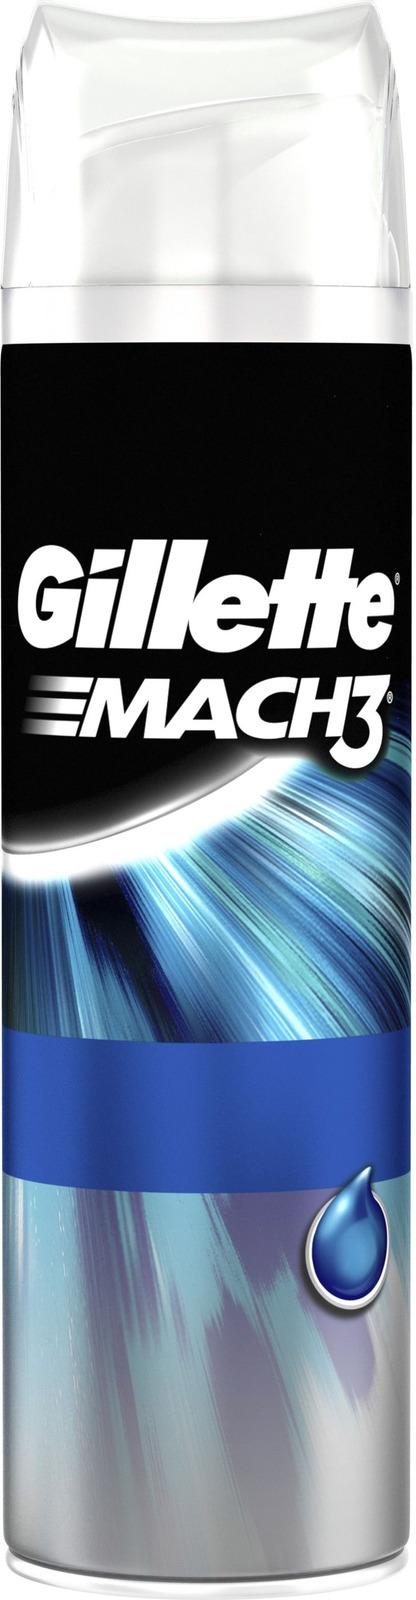 Гель для бритья Gillette Mach3 экстракомфорт, 200мл набор gillette mach3 станок см кассета гель д бритья экстракомфорт 75мл